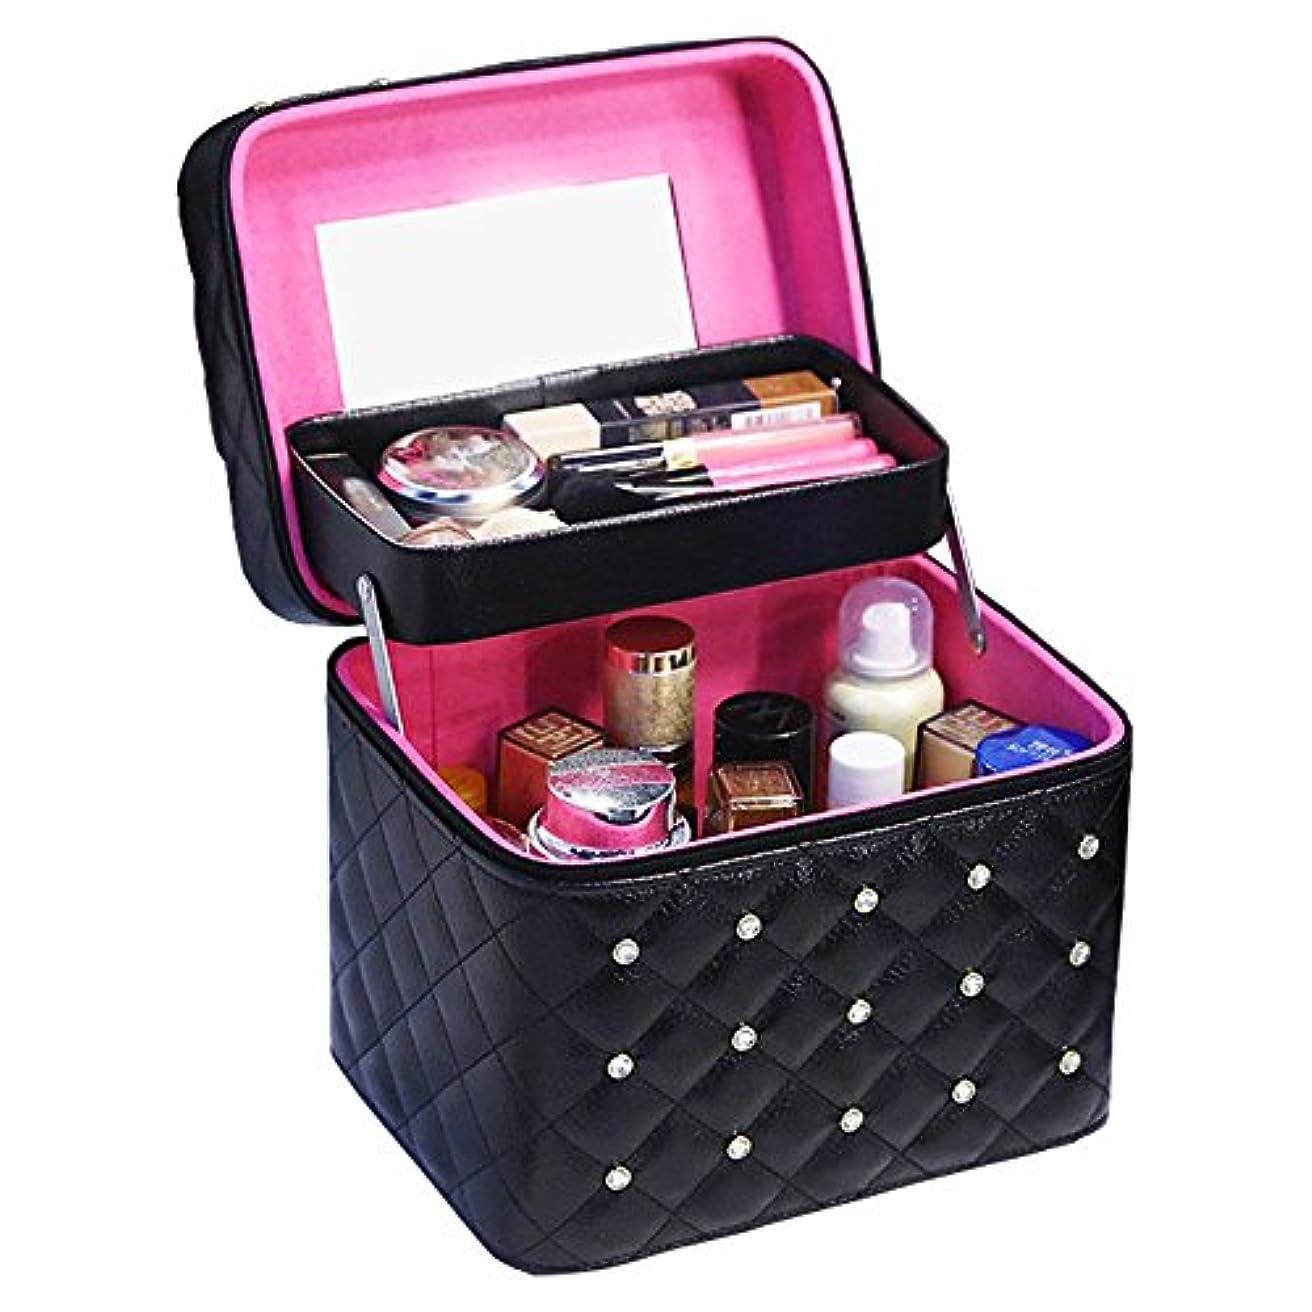 Twinkle goods (ツインクルグッズ) メイクボックス コスメボックス 化粧品 収納 PUレザー お洒落なデザイン メイク道具をすっきり収納 携帯にも 2段タイプ